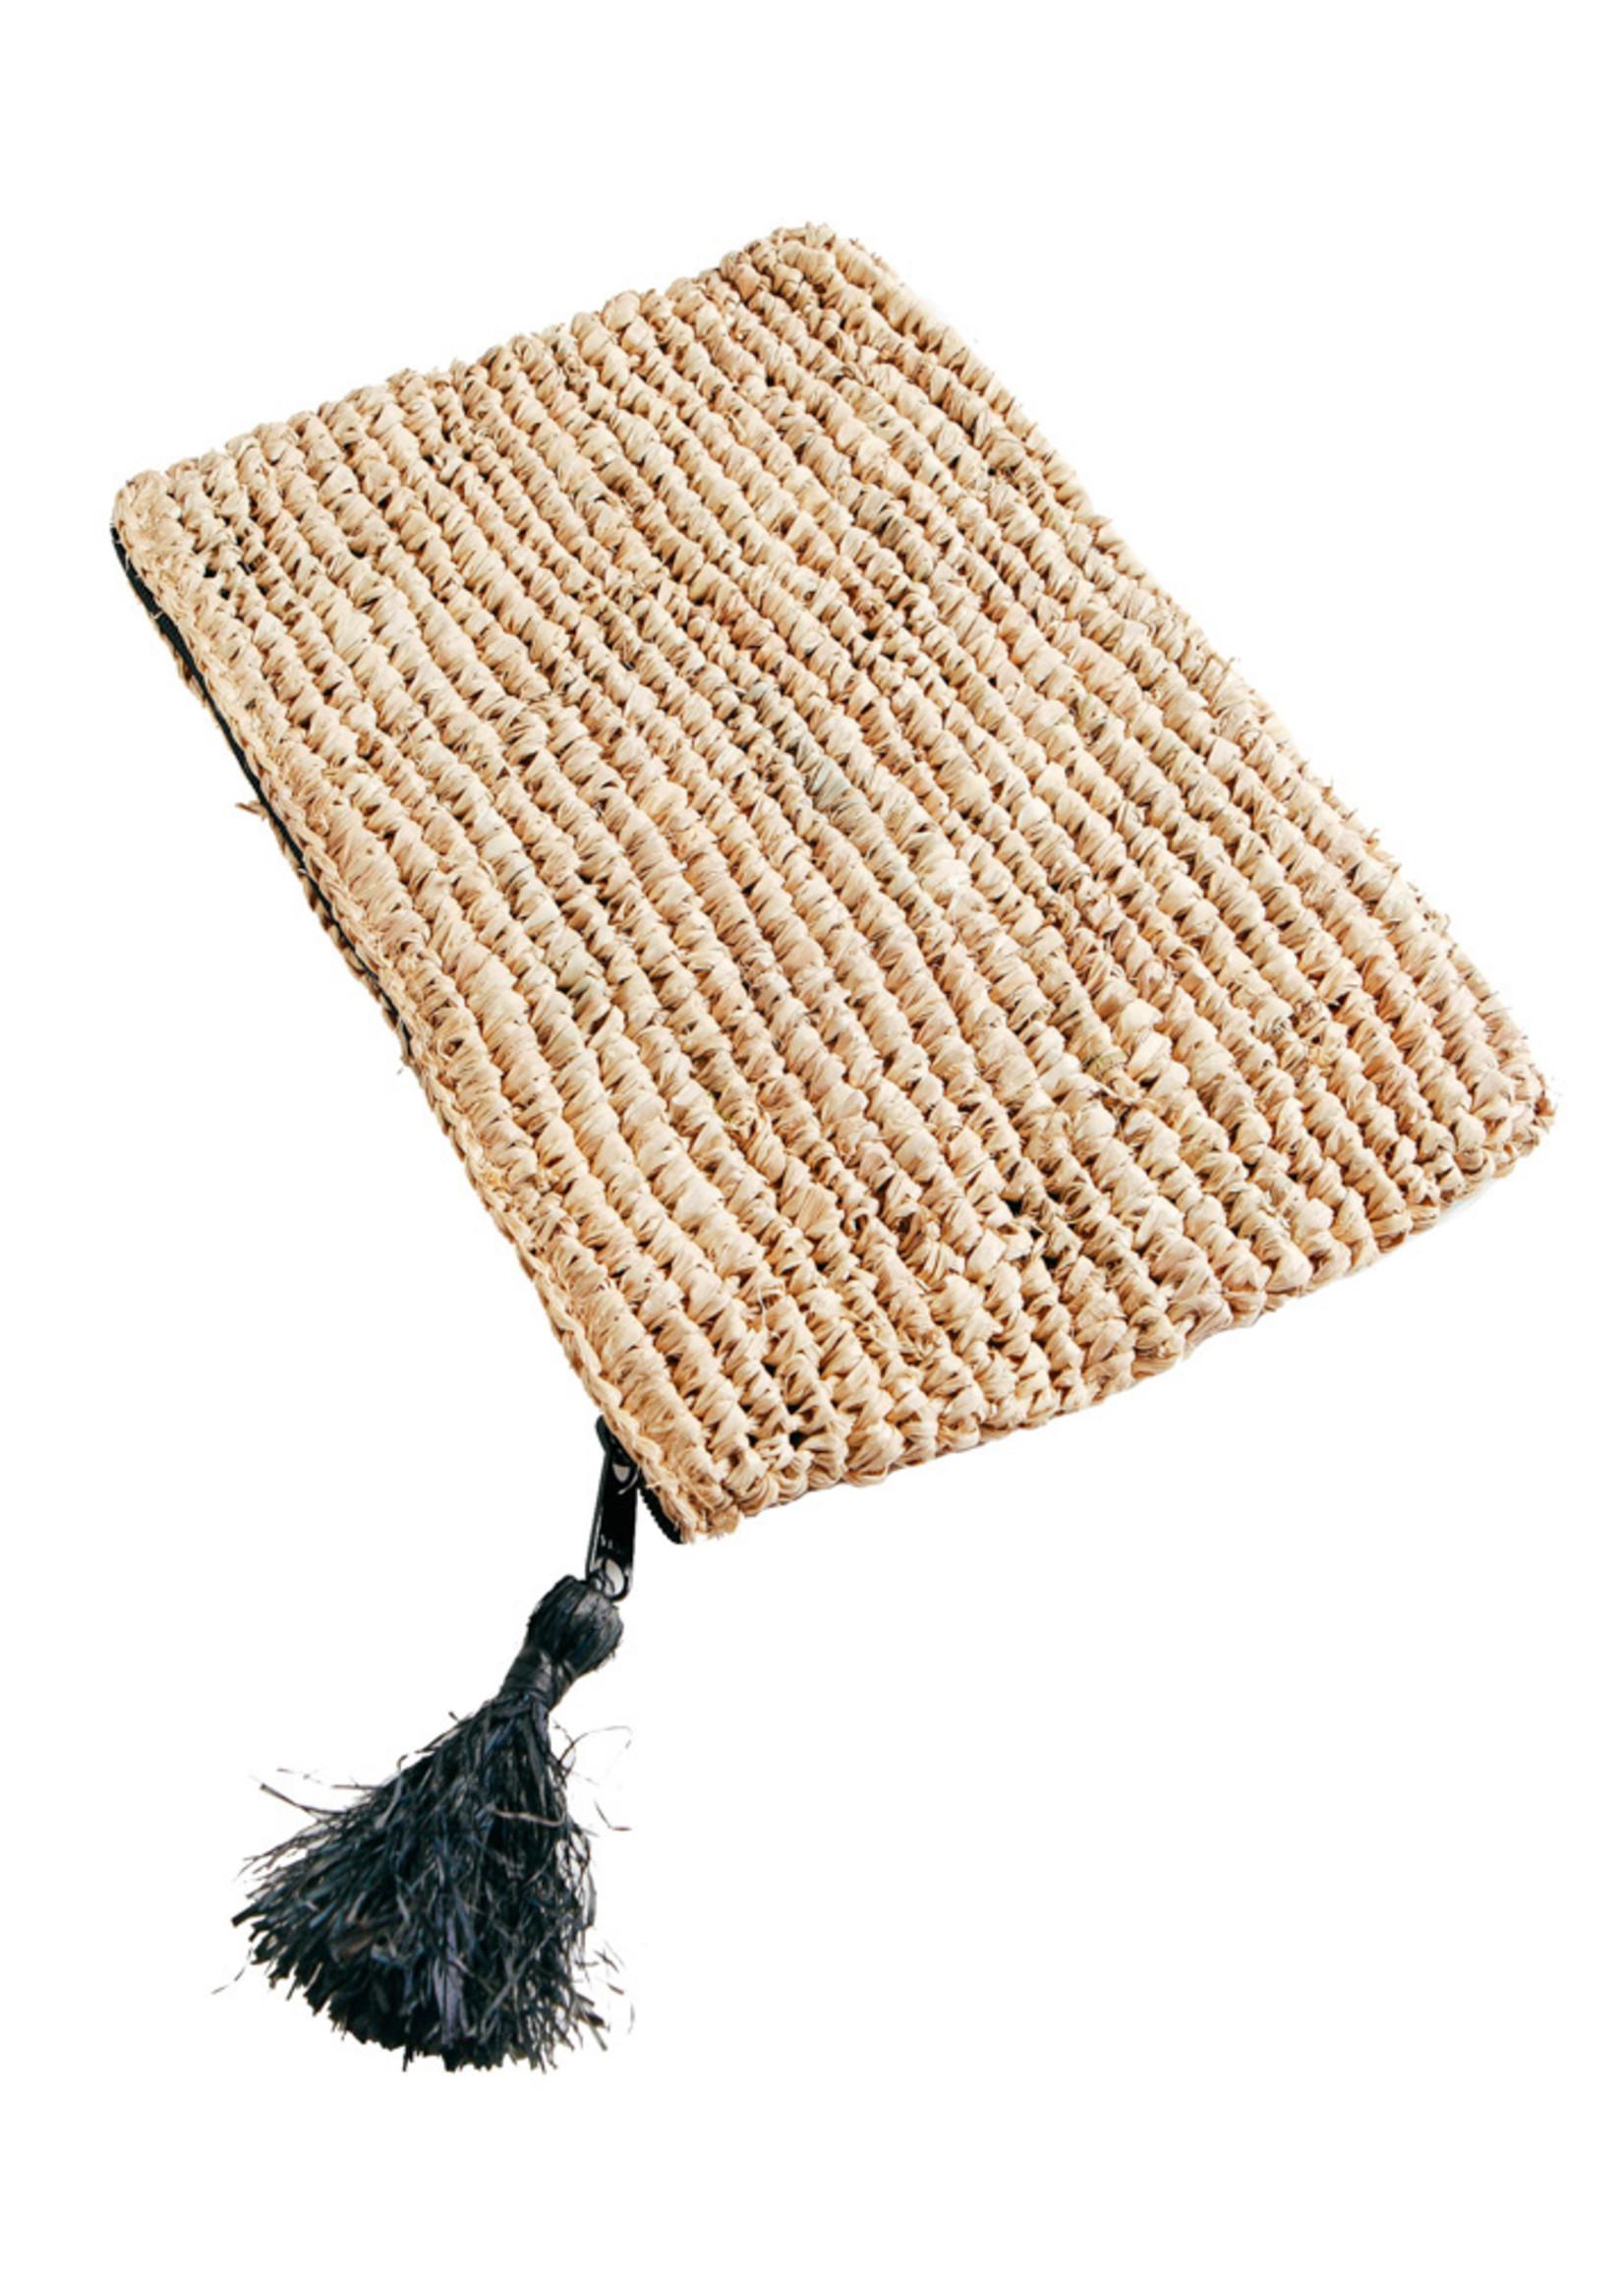 Raffia Clutch with zipper - Natural Black - L